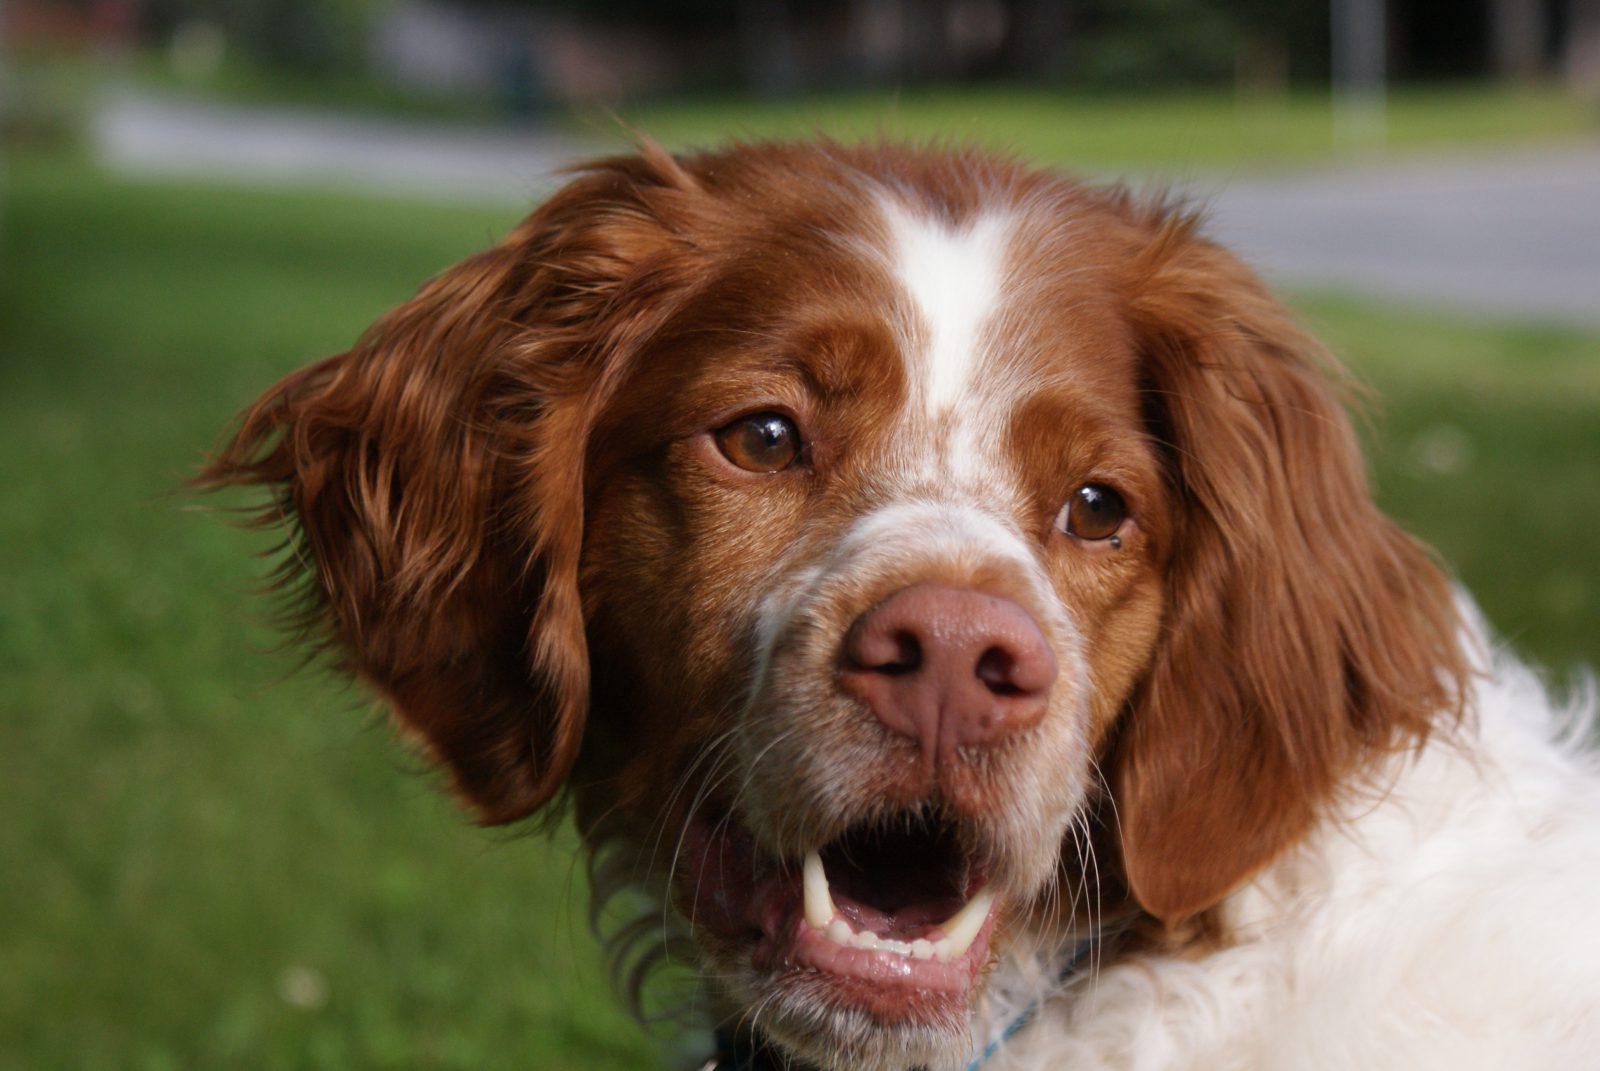 Cachorros de raça: Brittany Spaniel castanho e branco feliz pelo jardim.